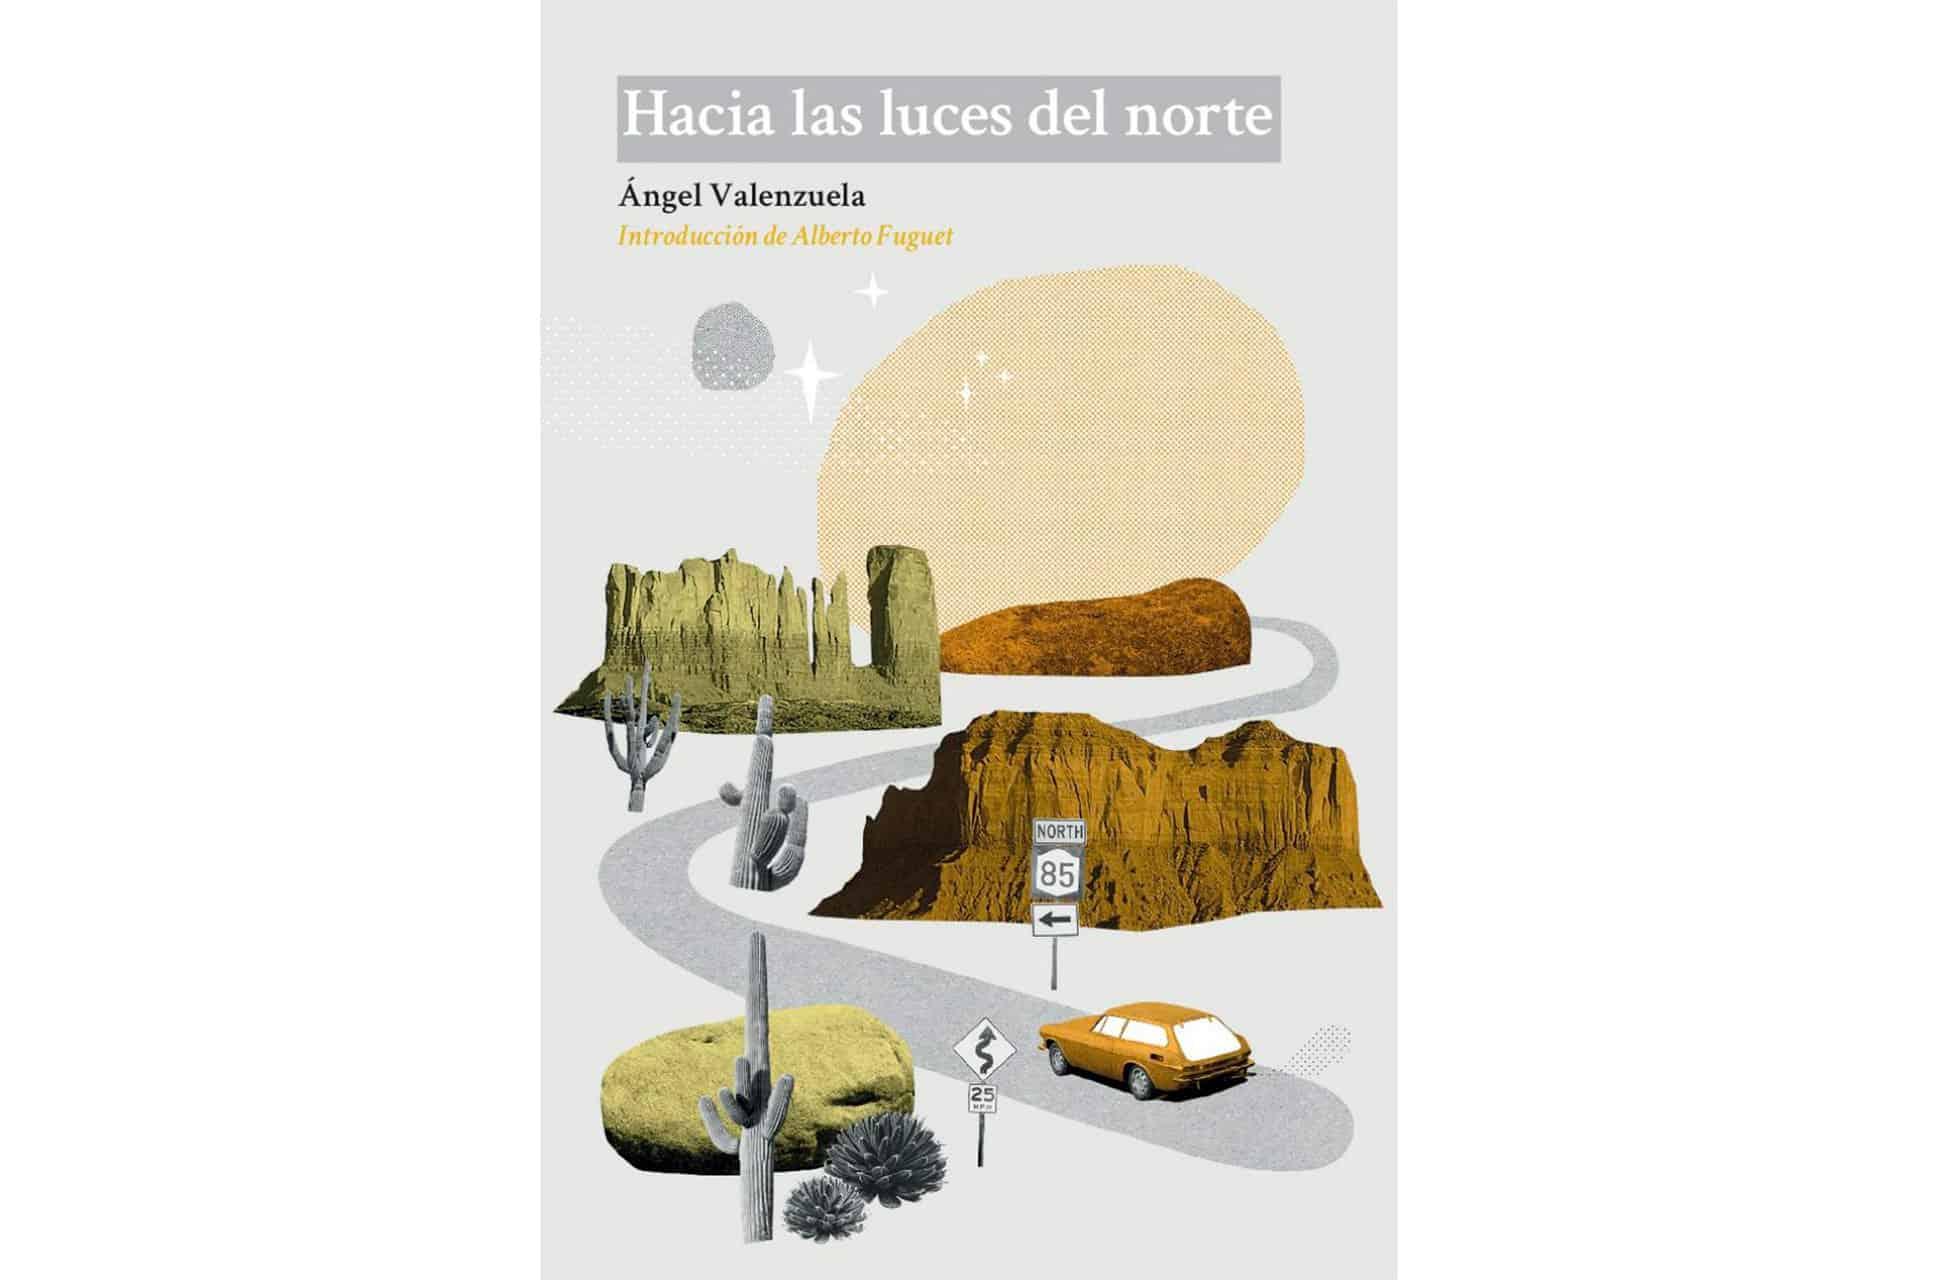 Ocho grandes libros de la literatura LGBTQ+ hacia-las-luces-del-norte-angel-valenzuela